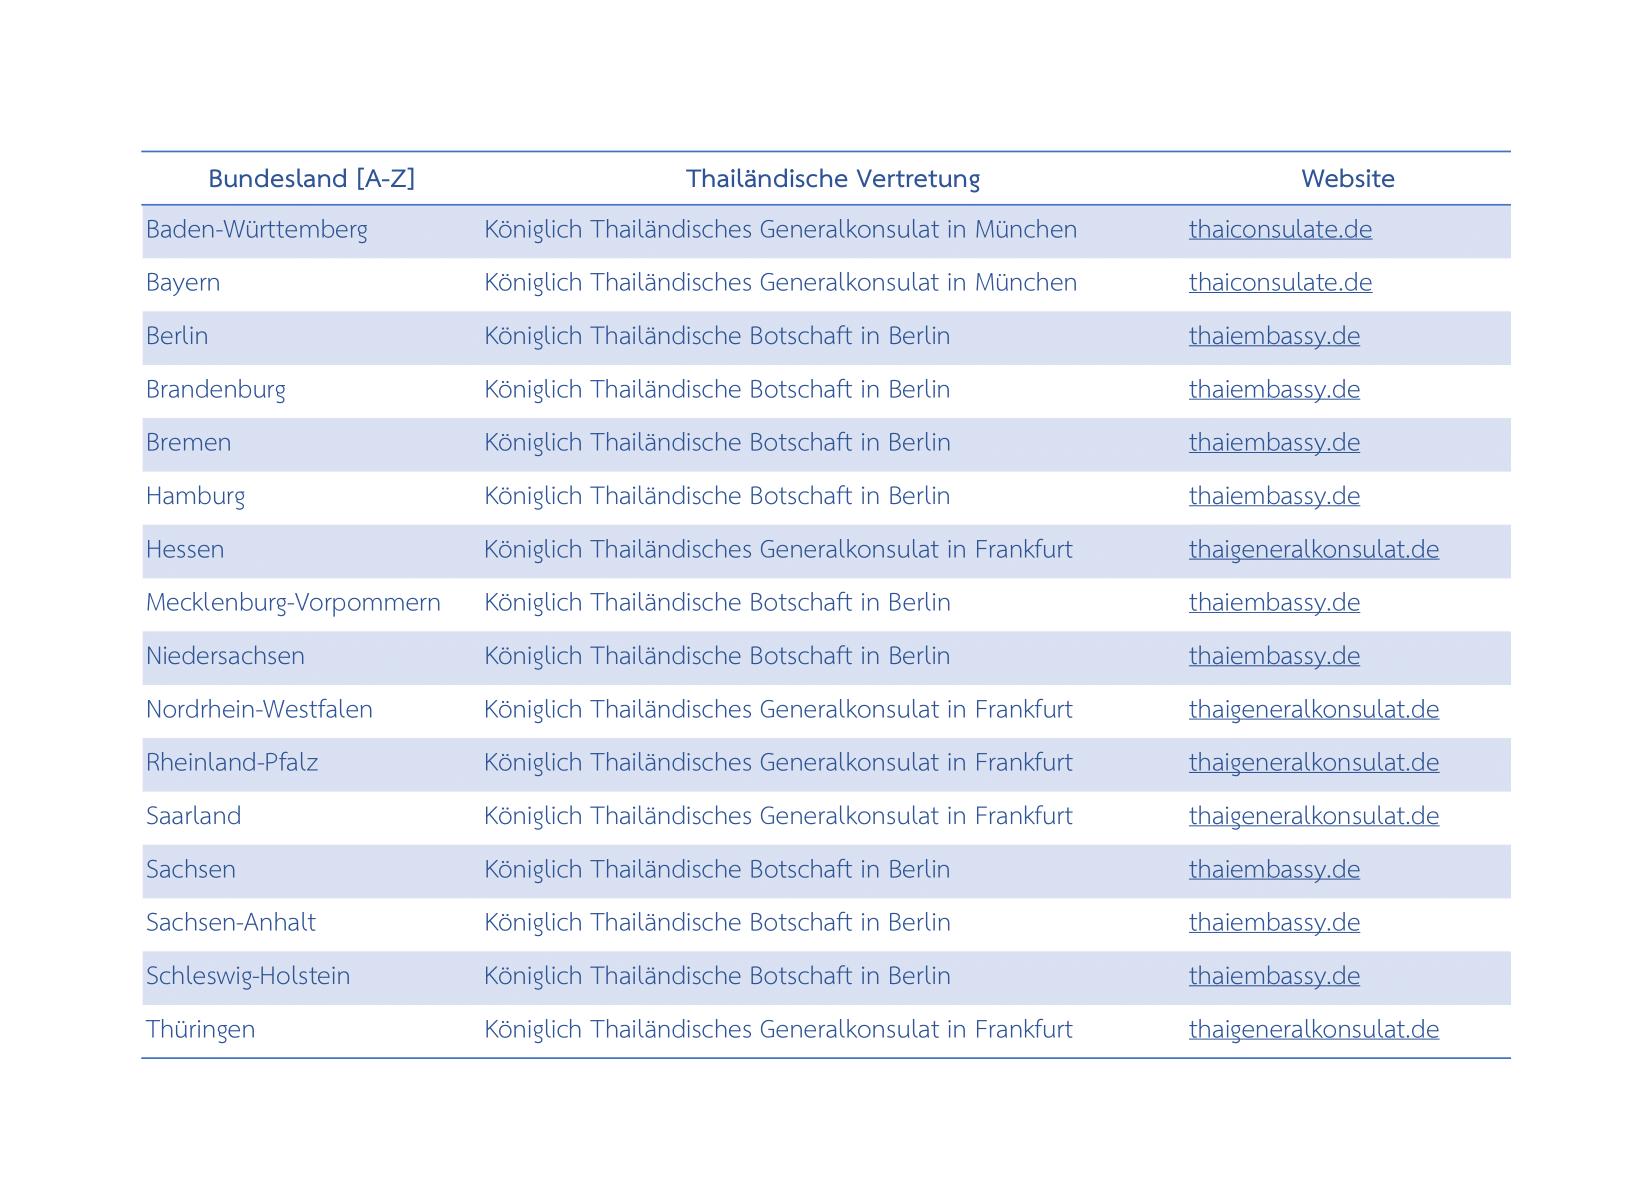 Liste der thailändischen Ämter in Deutschland